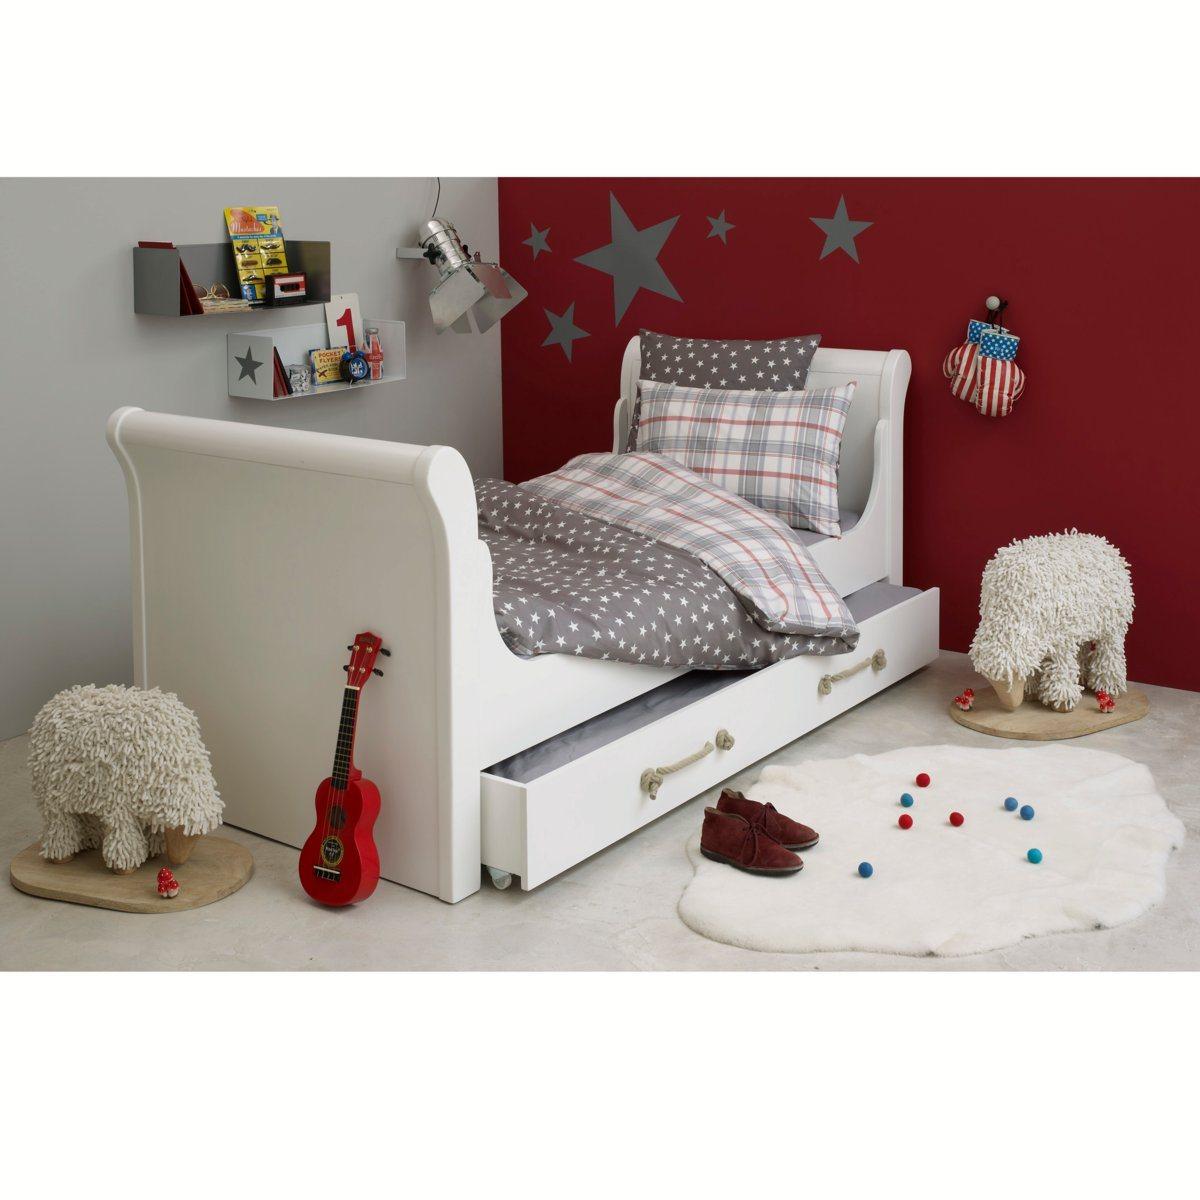 chambre enfant rouge et blanc ampm dekobook. Black Bedroom Furniture Sets. Home Design Ideas